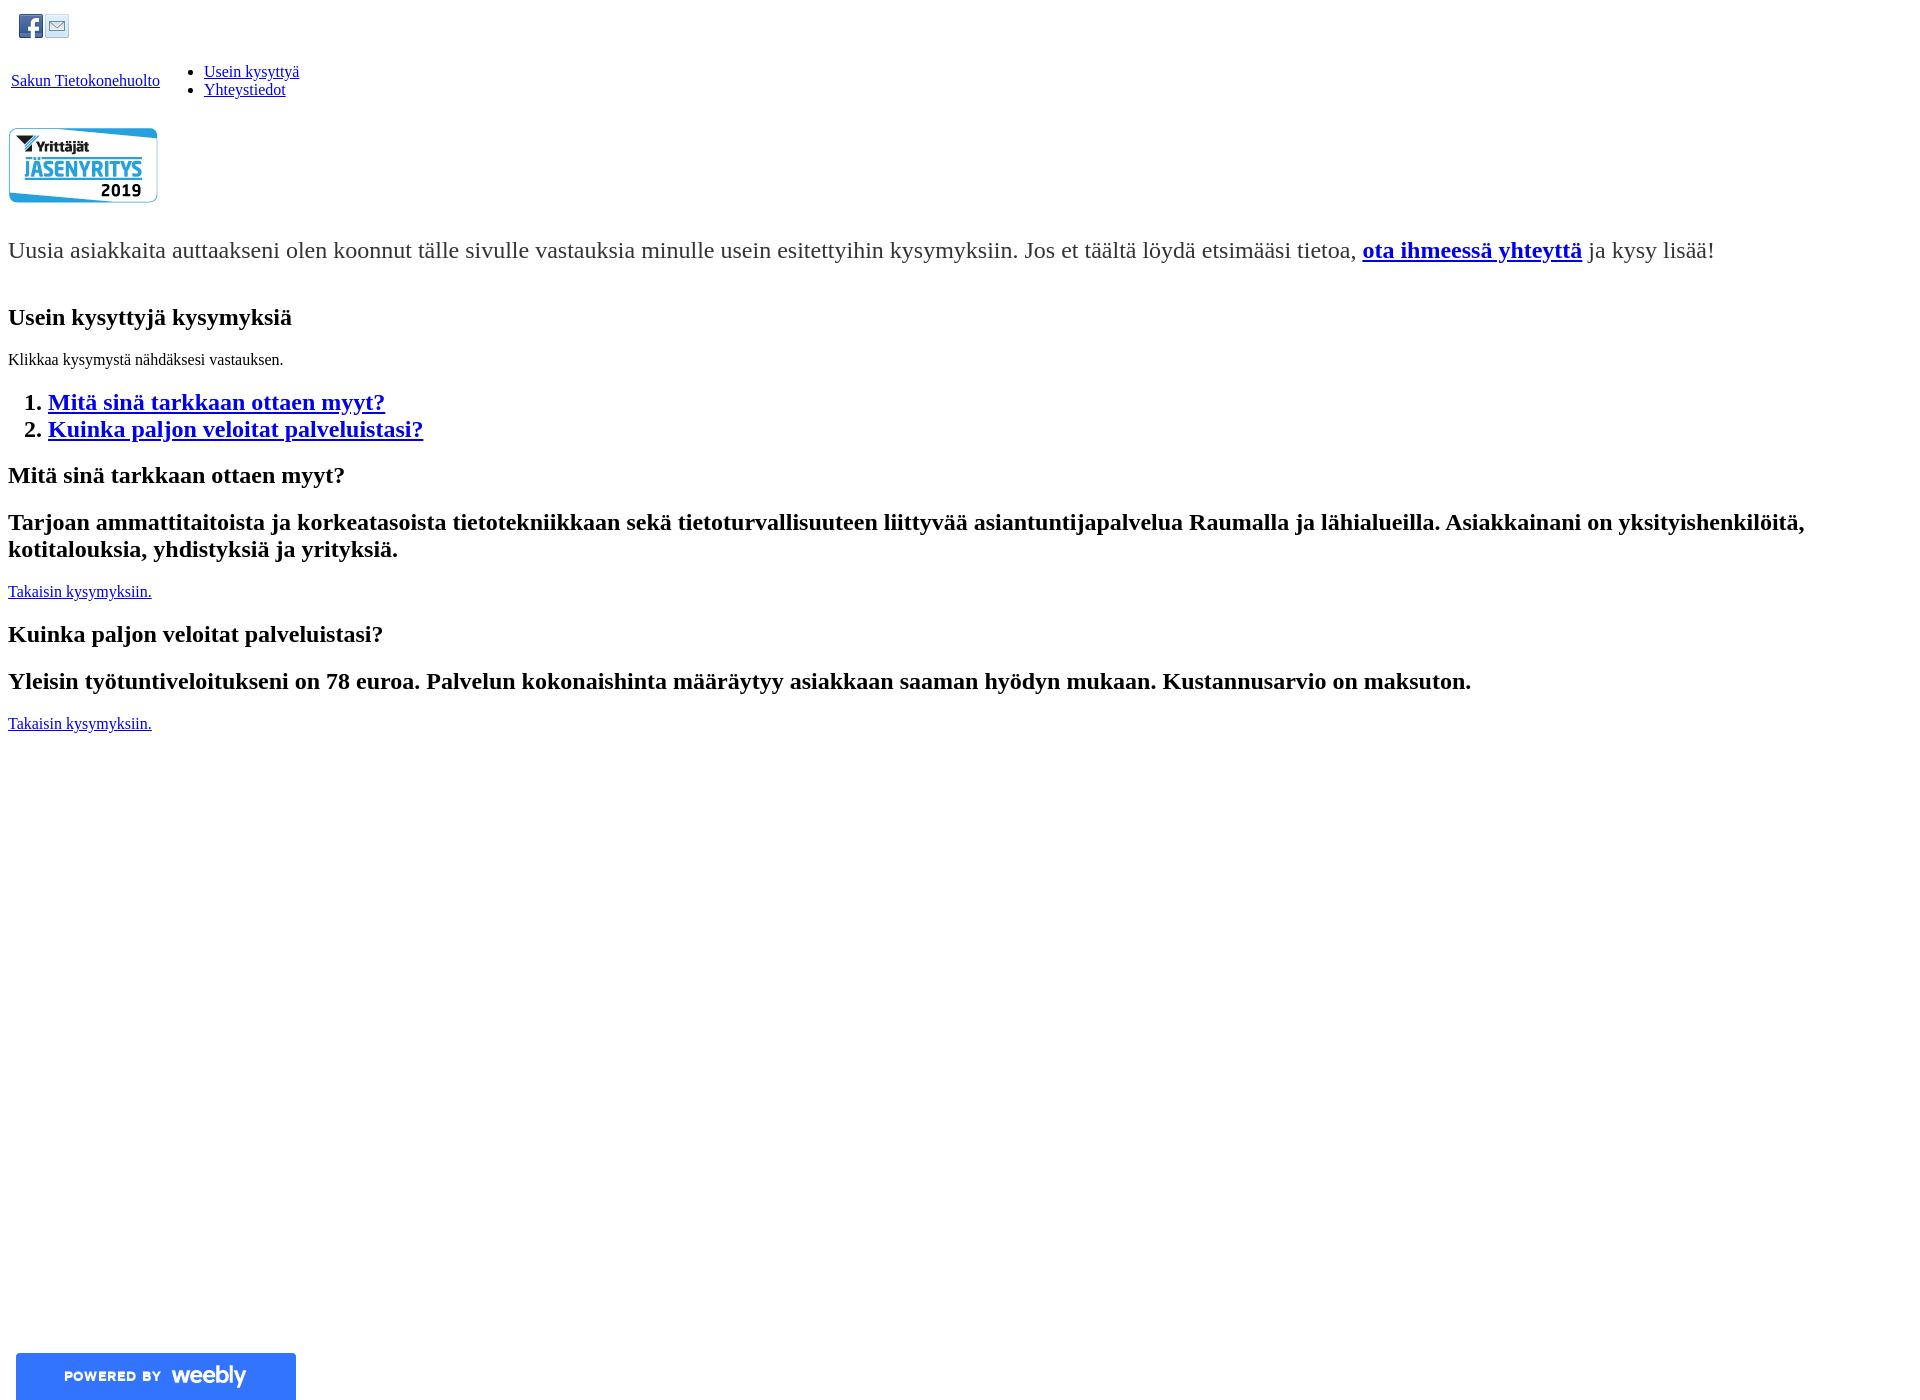 Screenshot for sakuntietokonehuolto.fi